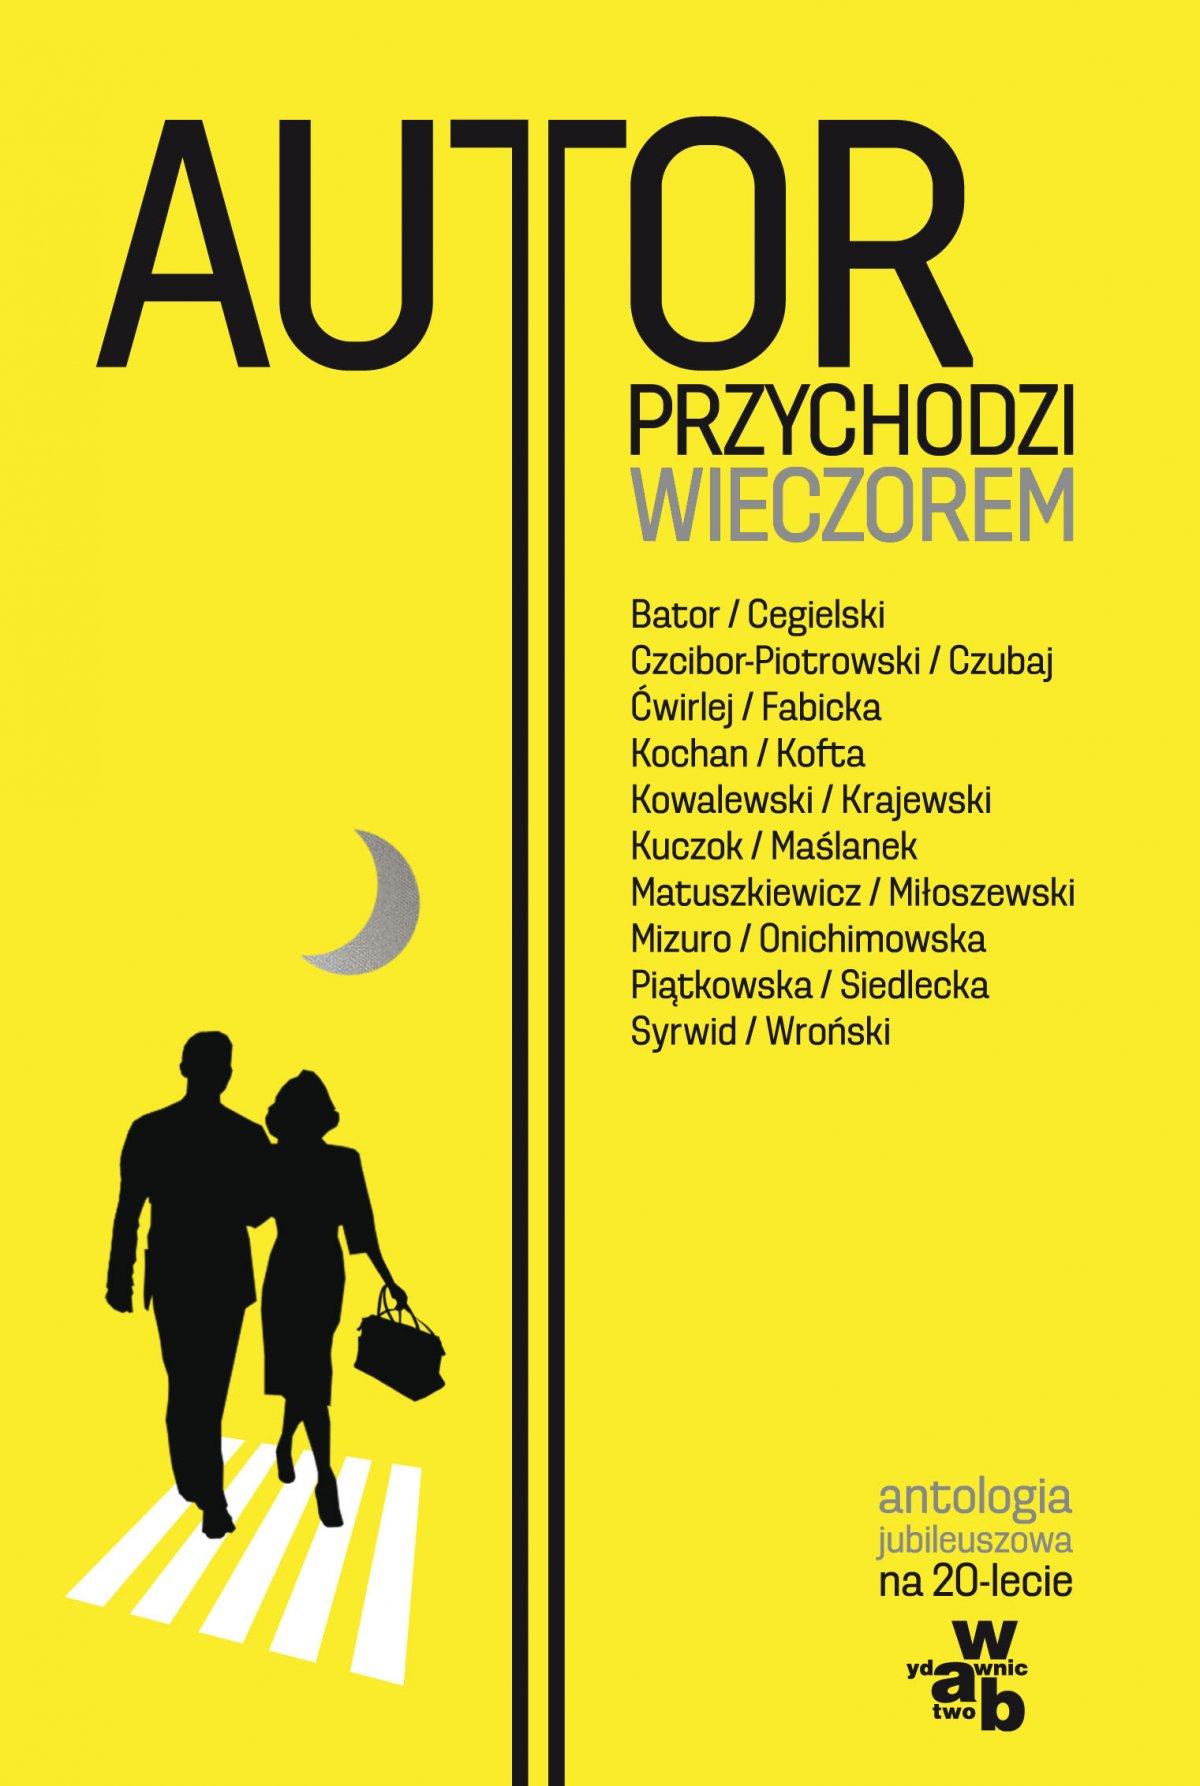 Autor przychodzi wieczorem Antologia jubileuszowa na 20-lecie Wydawnictwa W.A.B. - Ebook (Książka EPUB) do pobrania w formacie EPUB